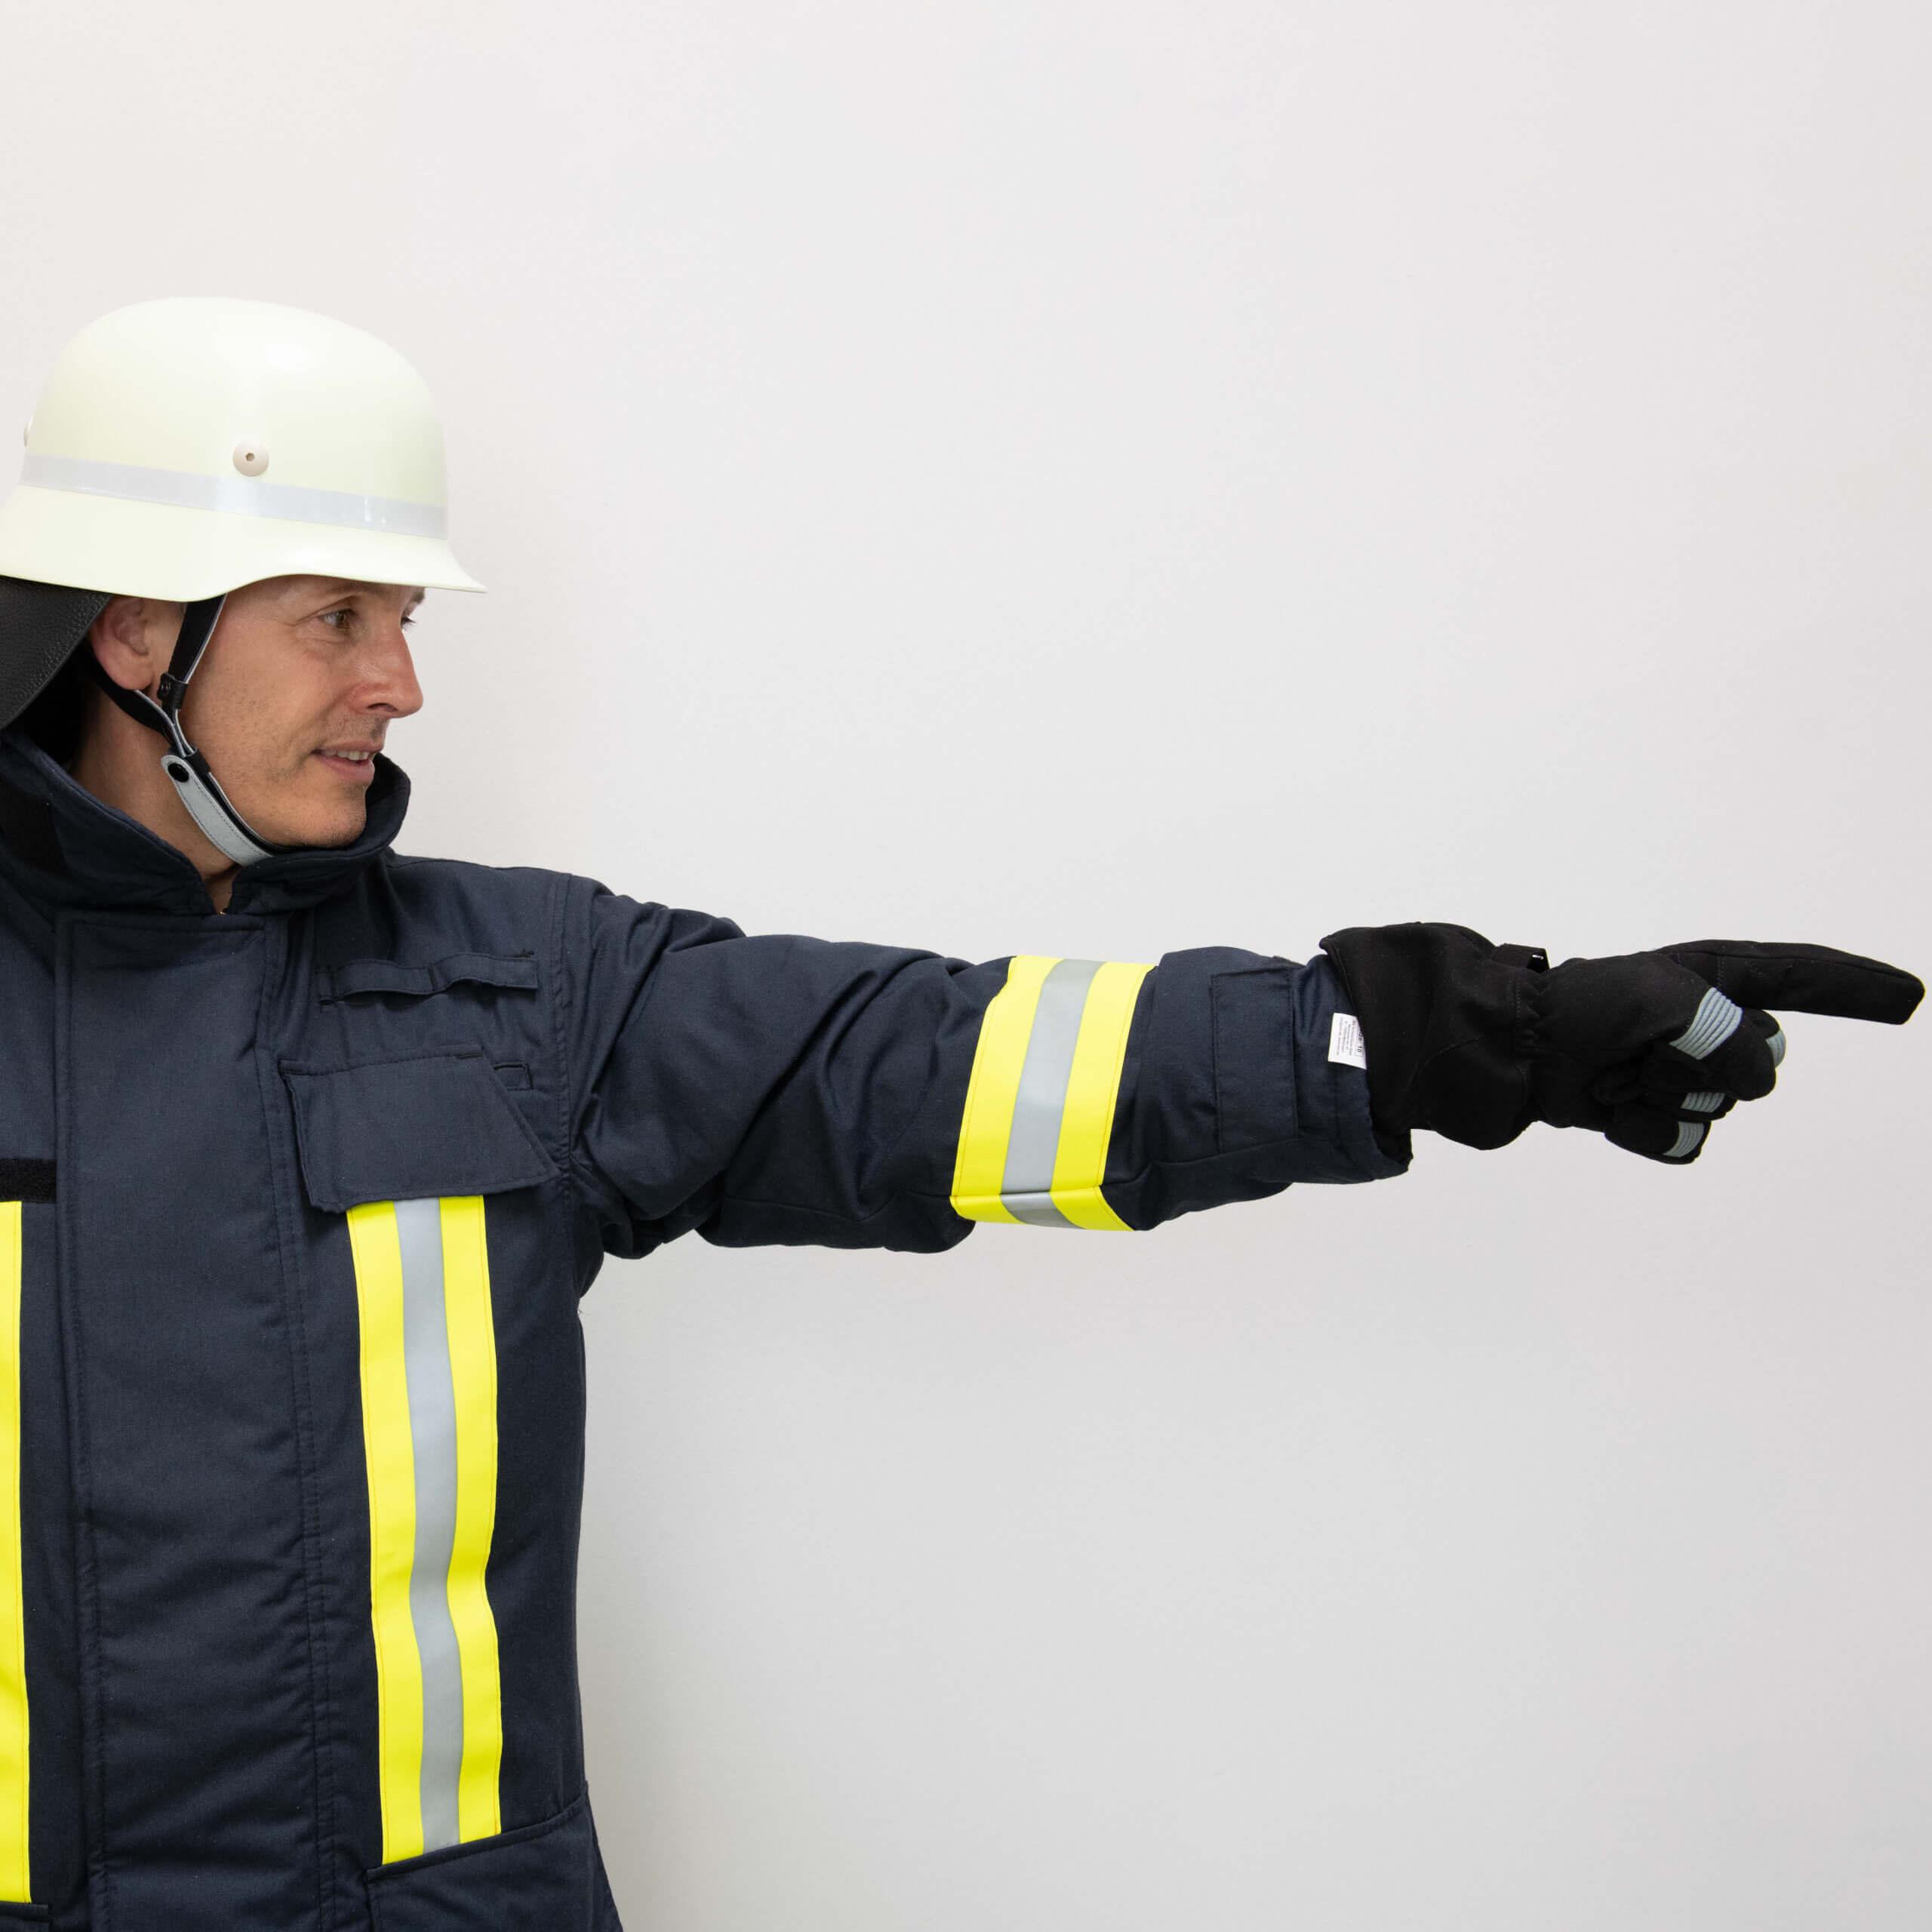 Feuerwehrmann zeigt nach rechts